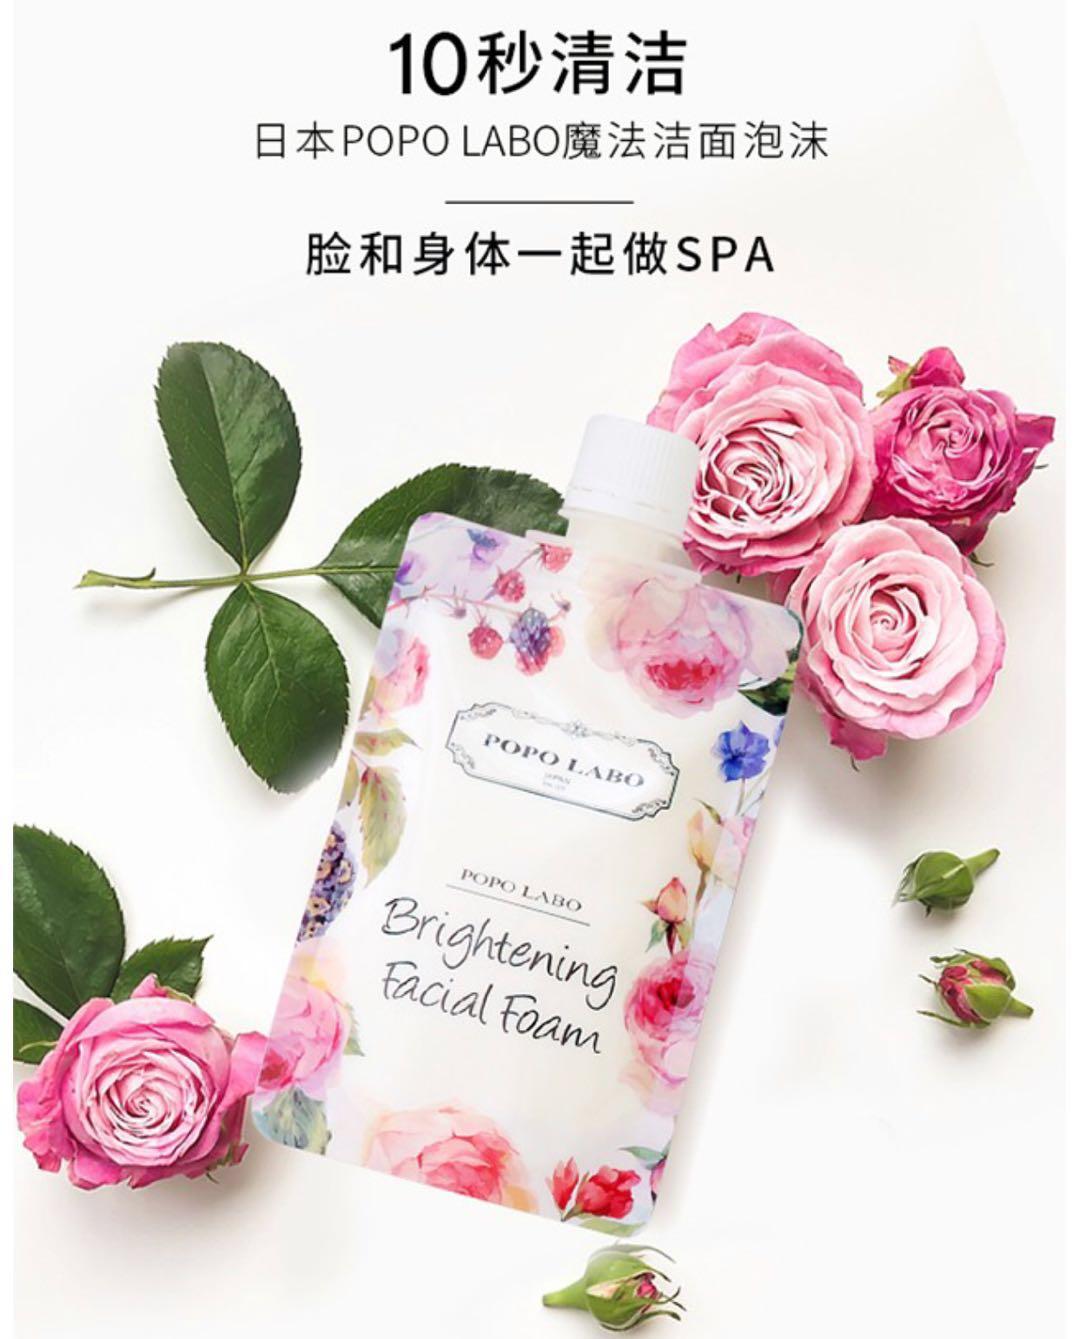 林允同款POPOLABO玫瑰泡泡洗面奶嫰白 深层清洁补水提亮 玫瑰泡沫洗面奶120g